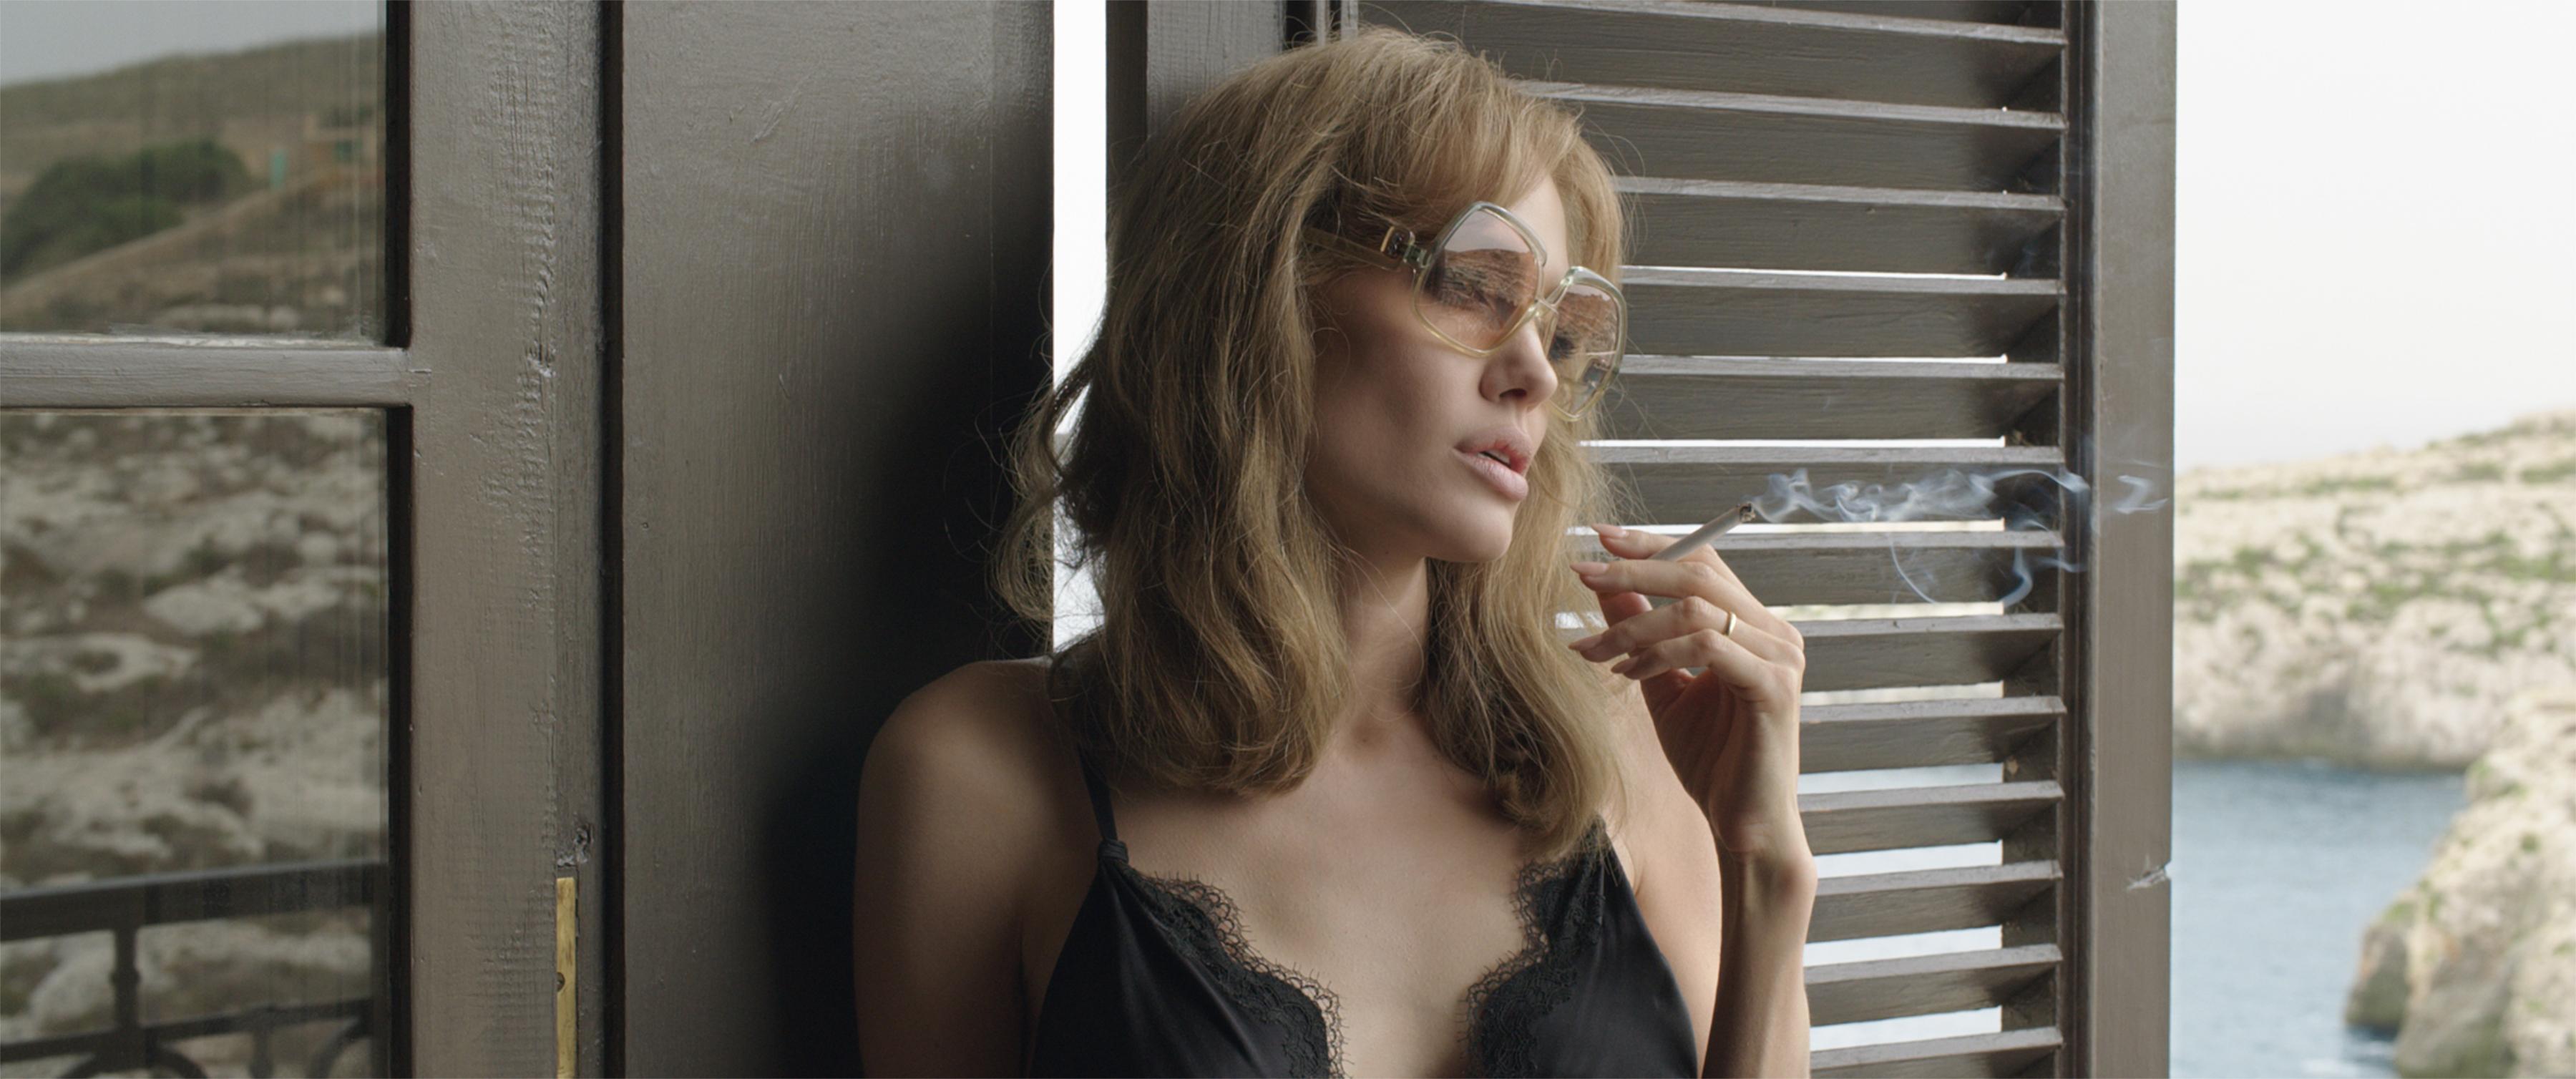 Angelina valaha volt összes szexi jelenete egyetlen negyedórás videóba sűrítve.